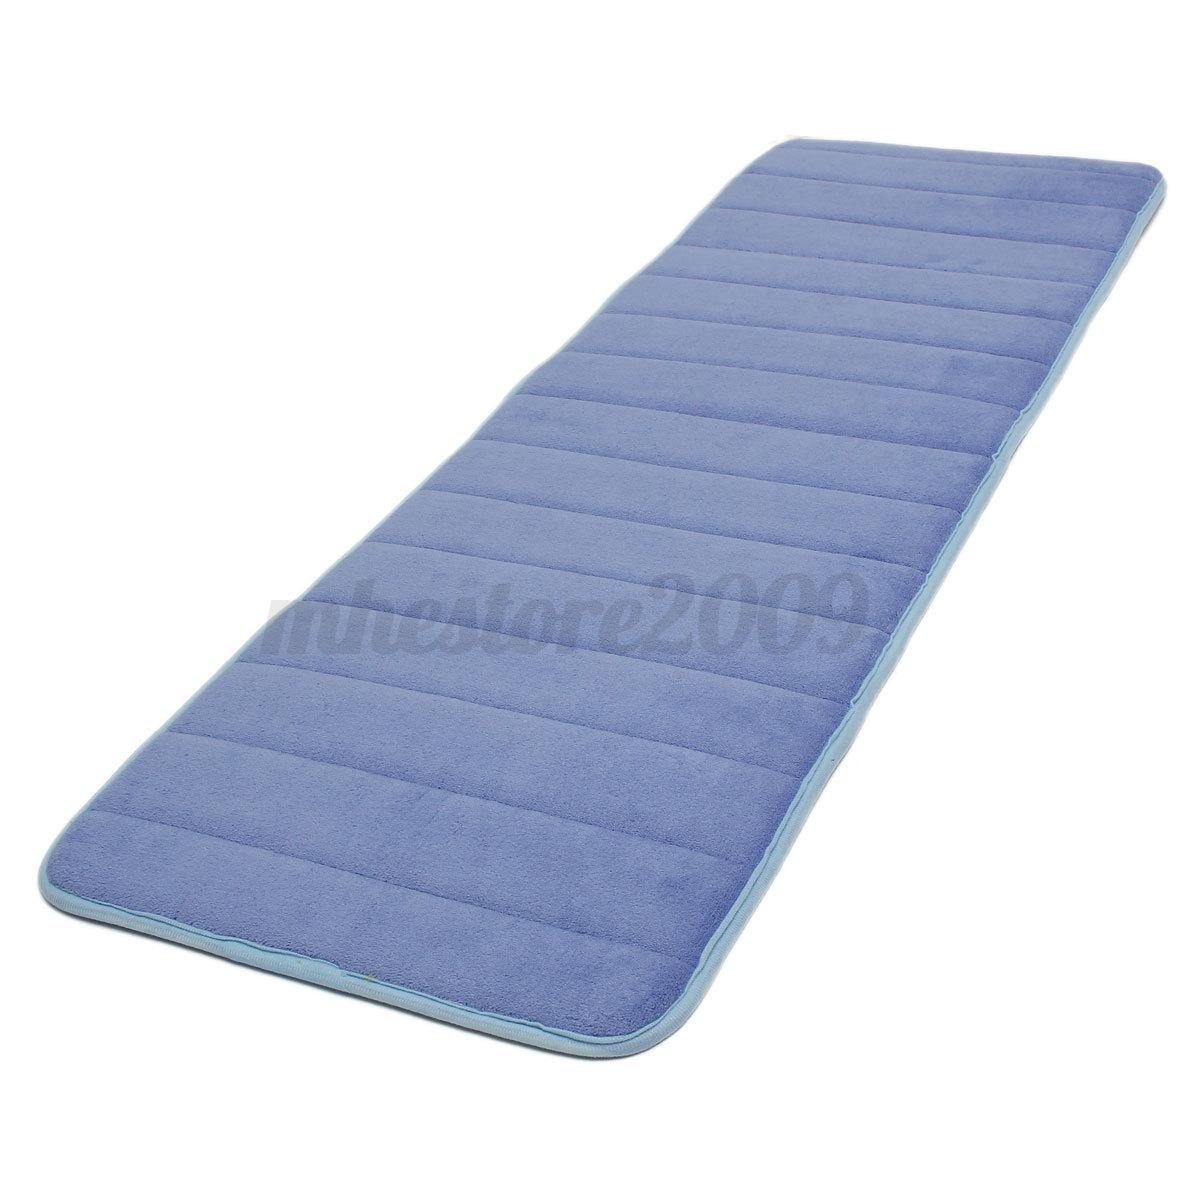 120x40cm absorbent nonslip memory foam kitchen bedroom